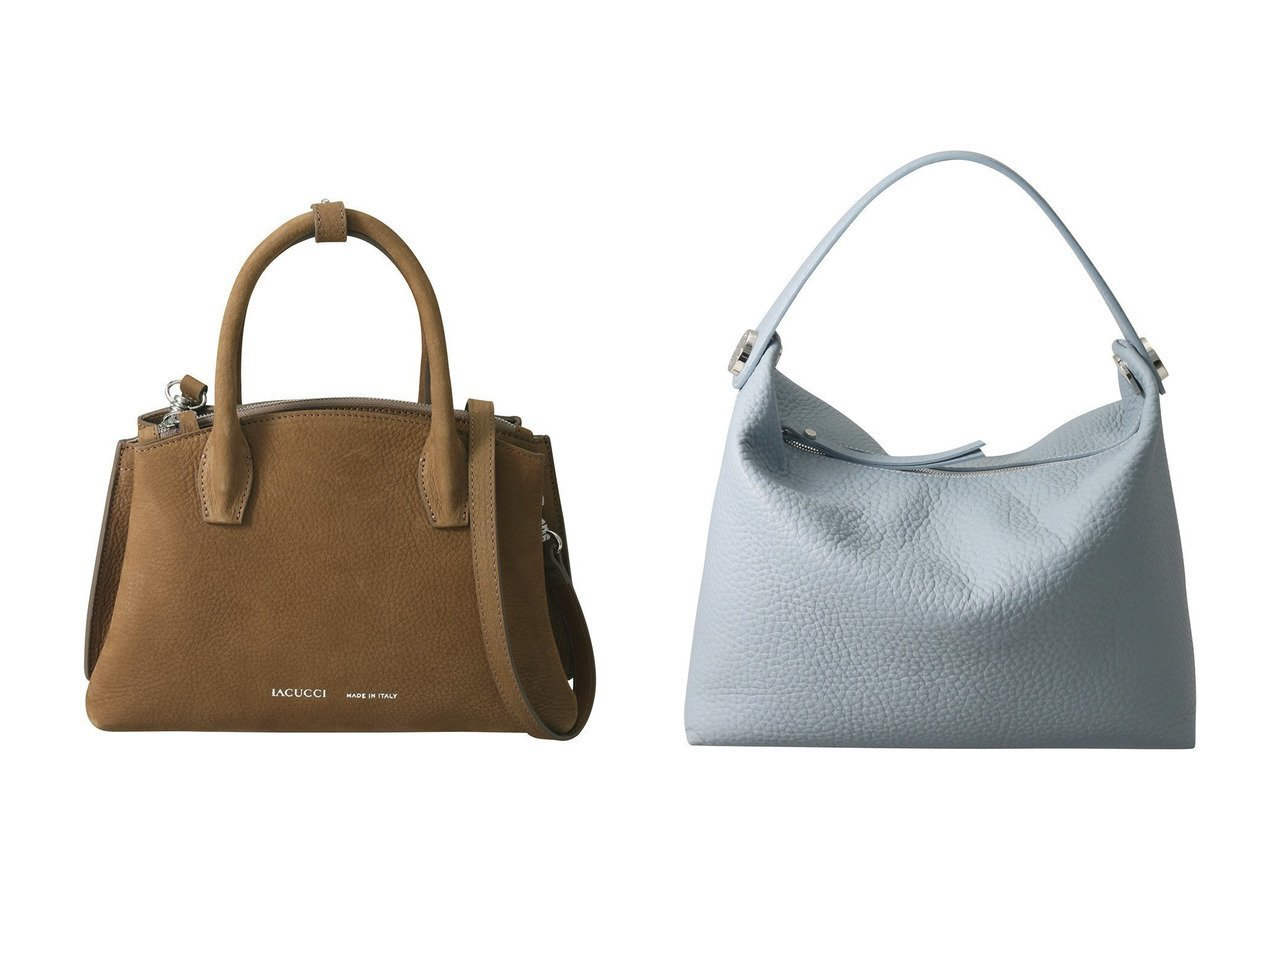 【GALLARDAGALANTE/ガリャルダガランテ】の【IACUCCI】2WAYトートバッグVELAR&【IACUCCI】ワンハンドルトートバッグ/ANCORA バッグ・鞄のおすすめ!人気、トレンド・レディースファッションの通販 おすすめで人気の流行・トレンド、ファッションの通販商品 メンズファッション・キッズファッション・インテリア・家具・レディースファッション・服の通販 founy(ファニー) https://founy.com/ ファッション Fashion レディースファッション WOMEN バッグ Bag 2021年 2021 2021 春夏 S/S SS Spring/Summer 2021 S/S 春夏 SS Spring/Summer 人気 春 Spring  ID:crp329100000014469